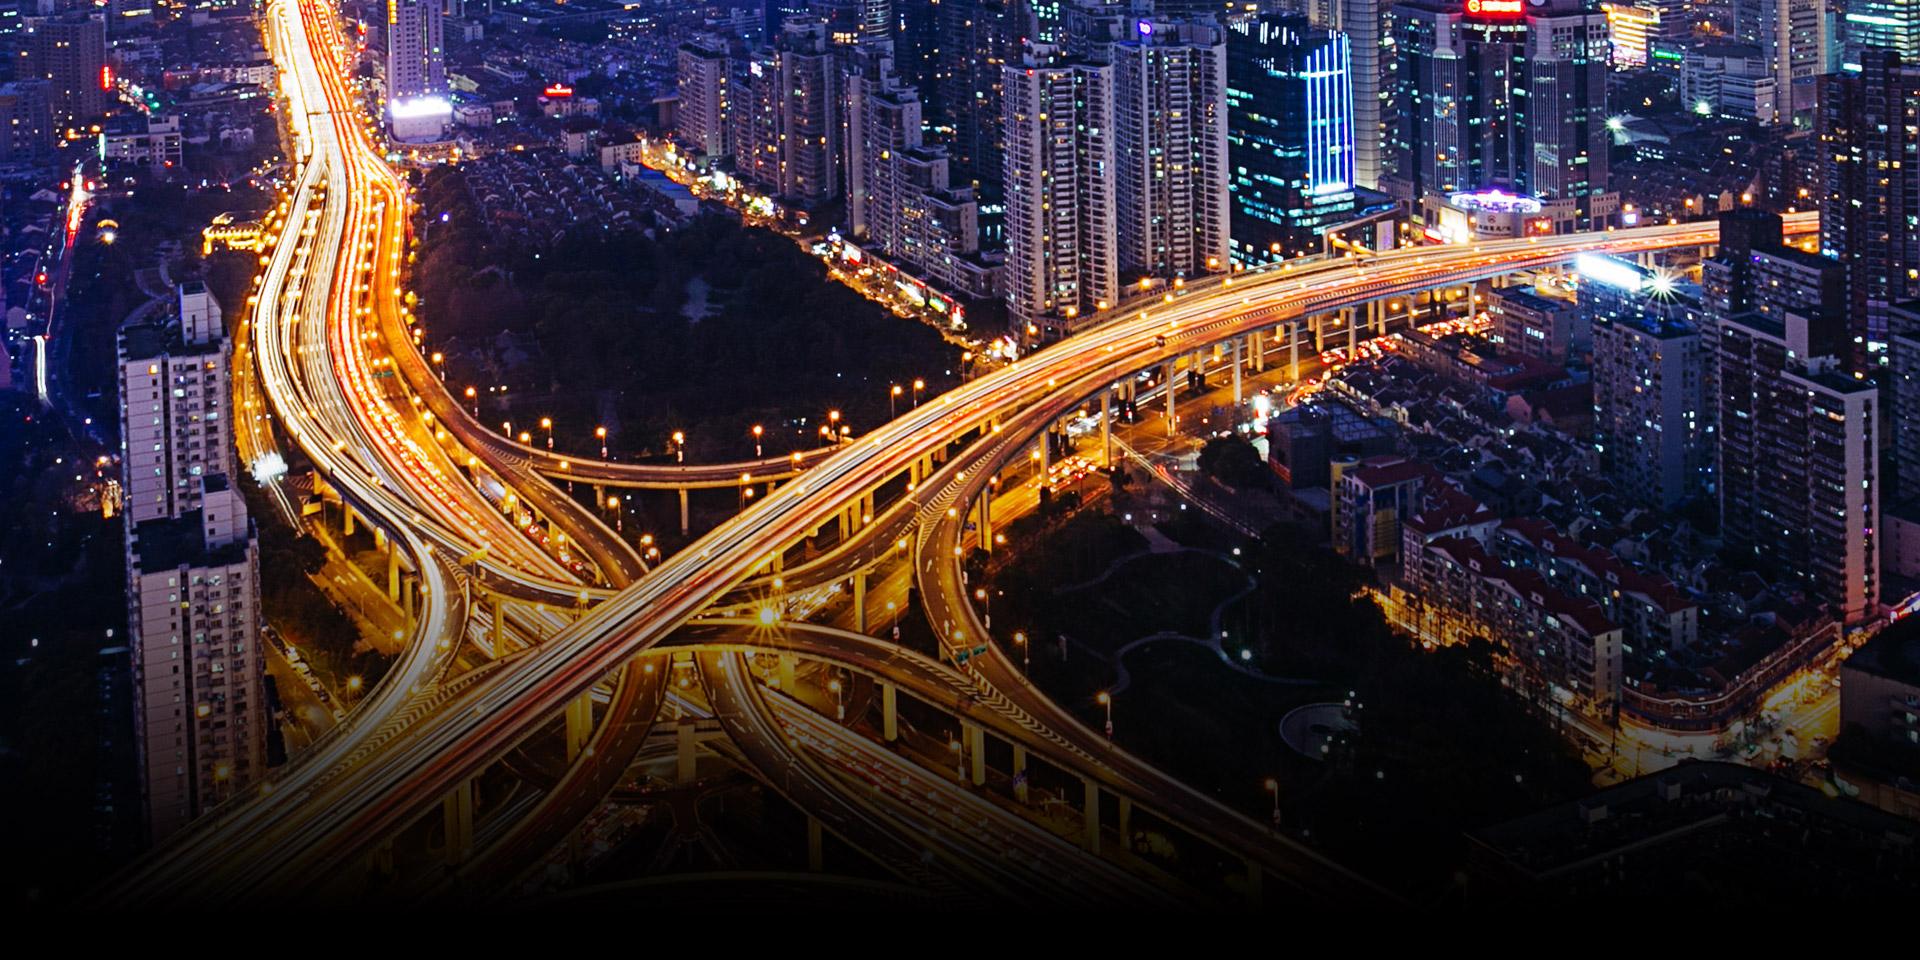 艾睿光电红外热成像仪应用于交通监控